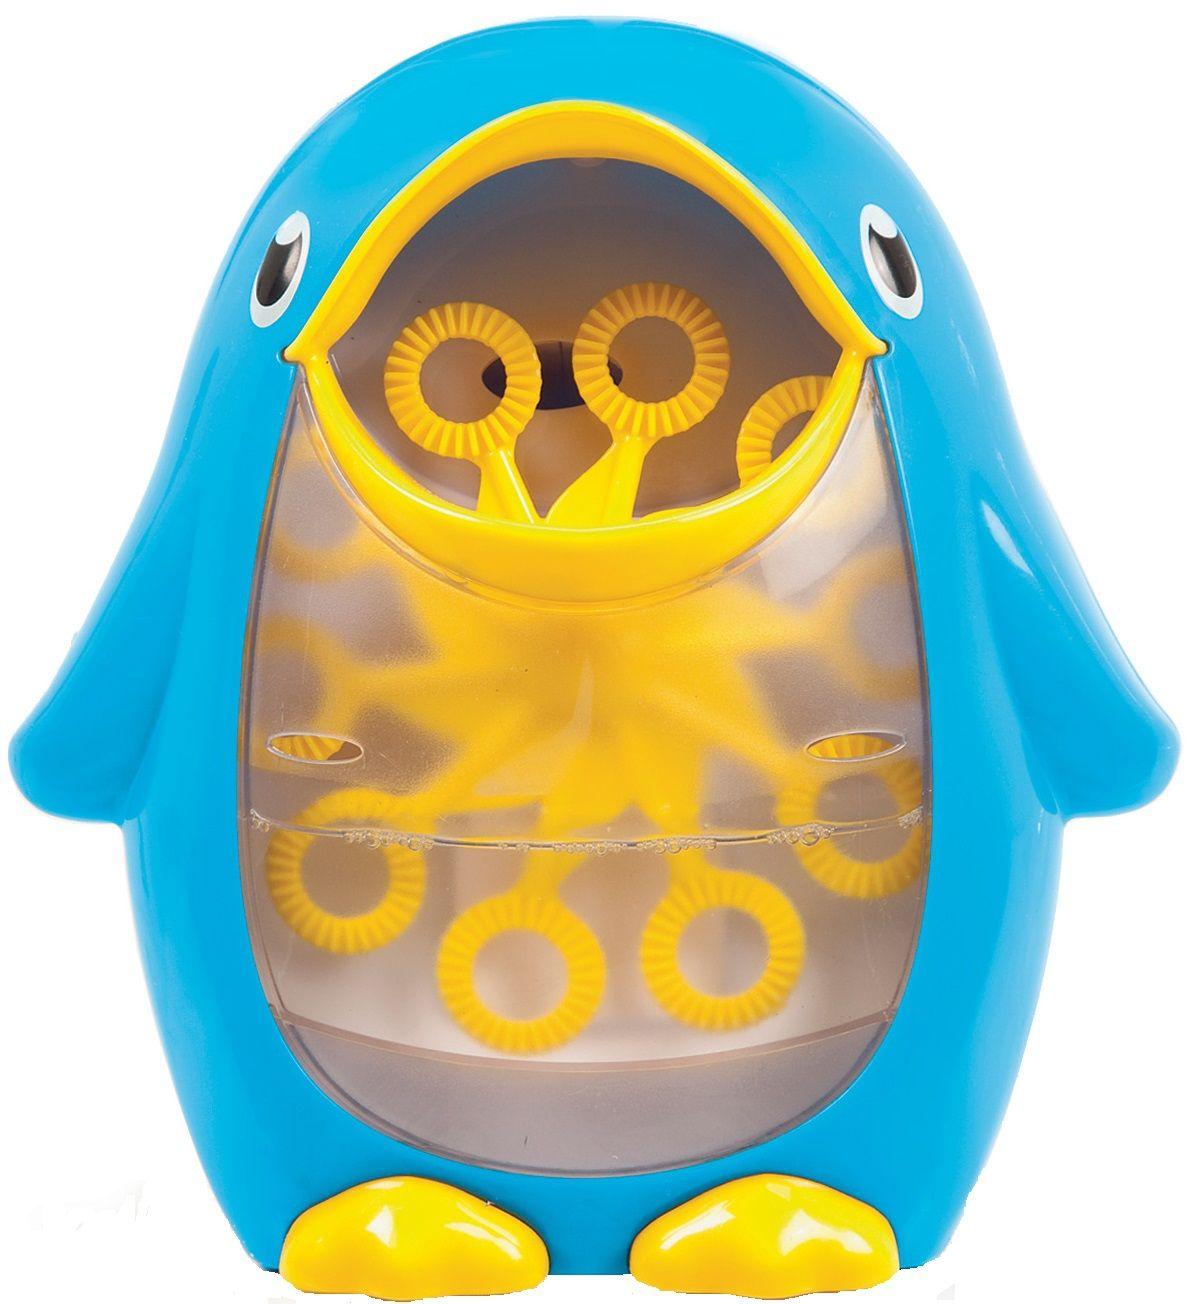 Купить Игрушка для ванной Мыльные пузыри , Принадлежности для купания малыша Munchkin, Аксессуары для ванной